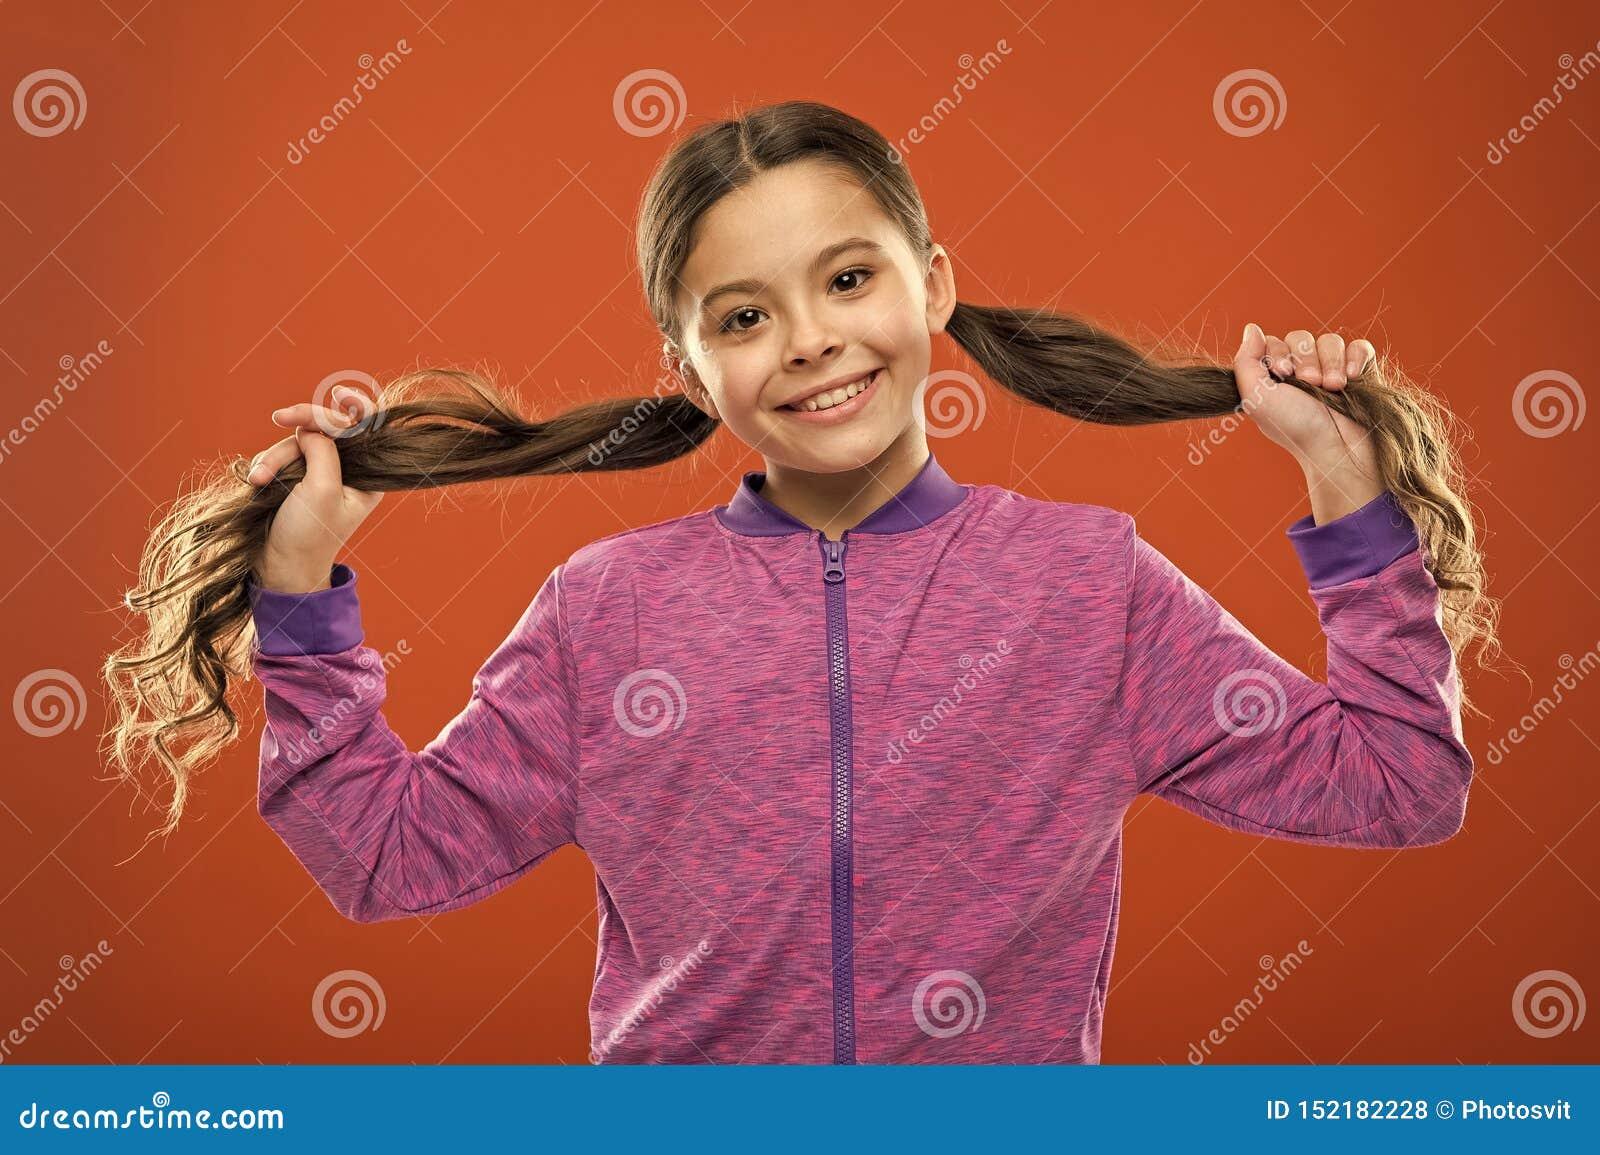 Εύκολες άκρες που κάνουν hairstyle για τα παιδιά i Γοητευτική ομορφιά Ενεργό παιδί κοριτσιών με τη μακριά πανέμορφη τρίχα